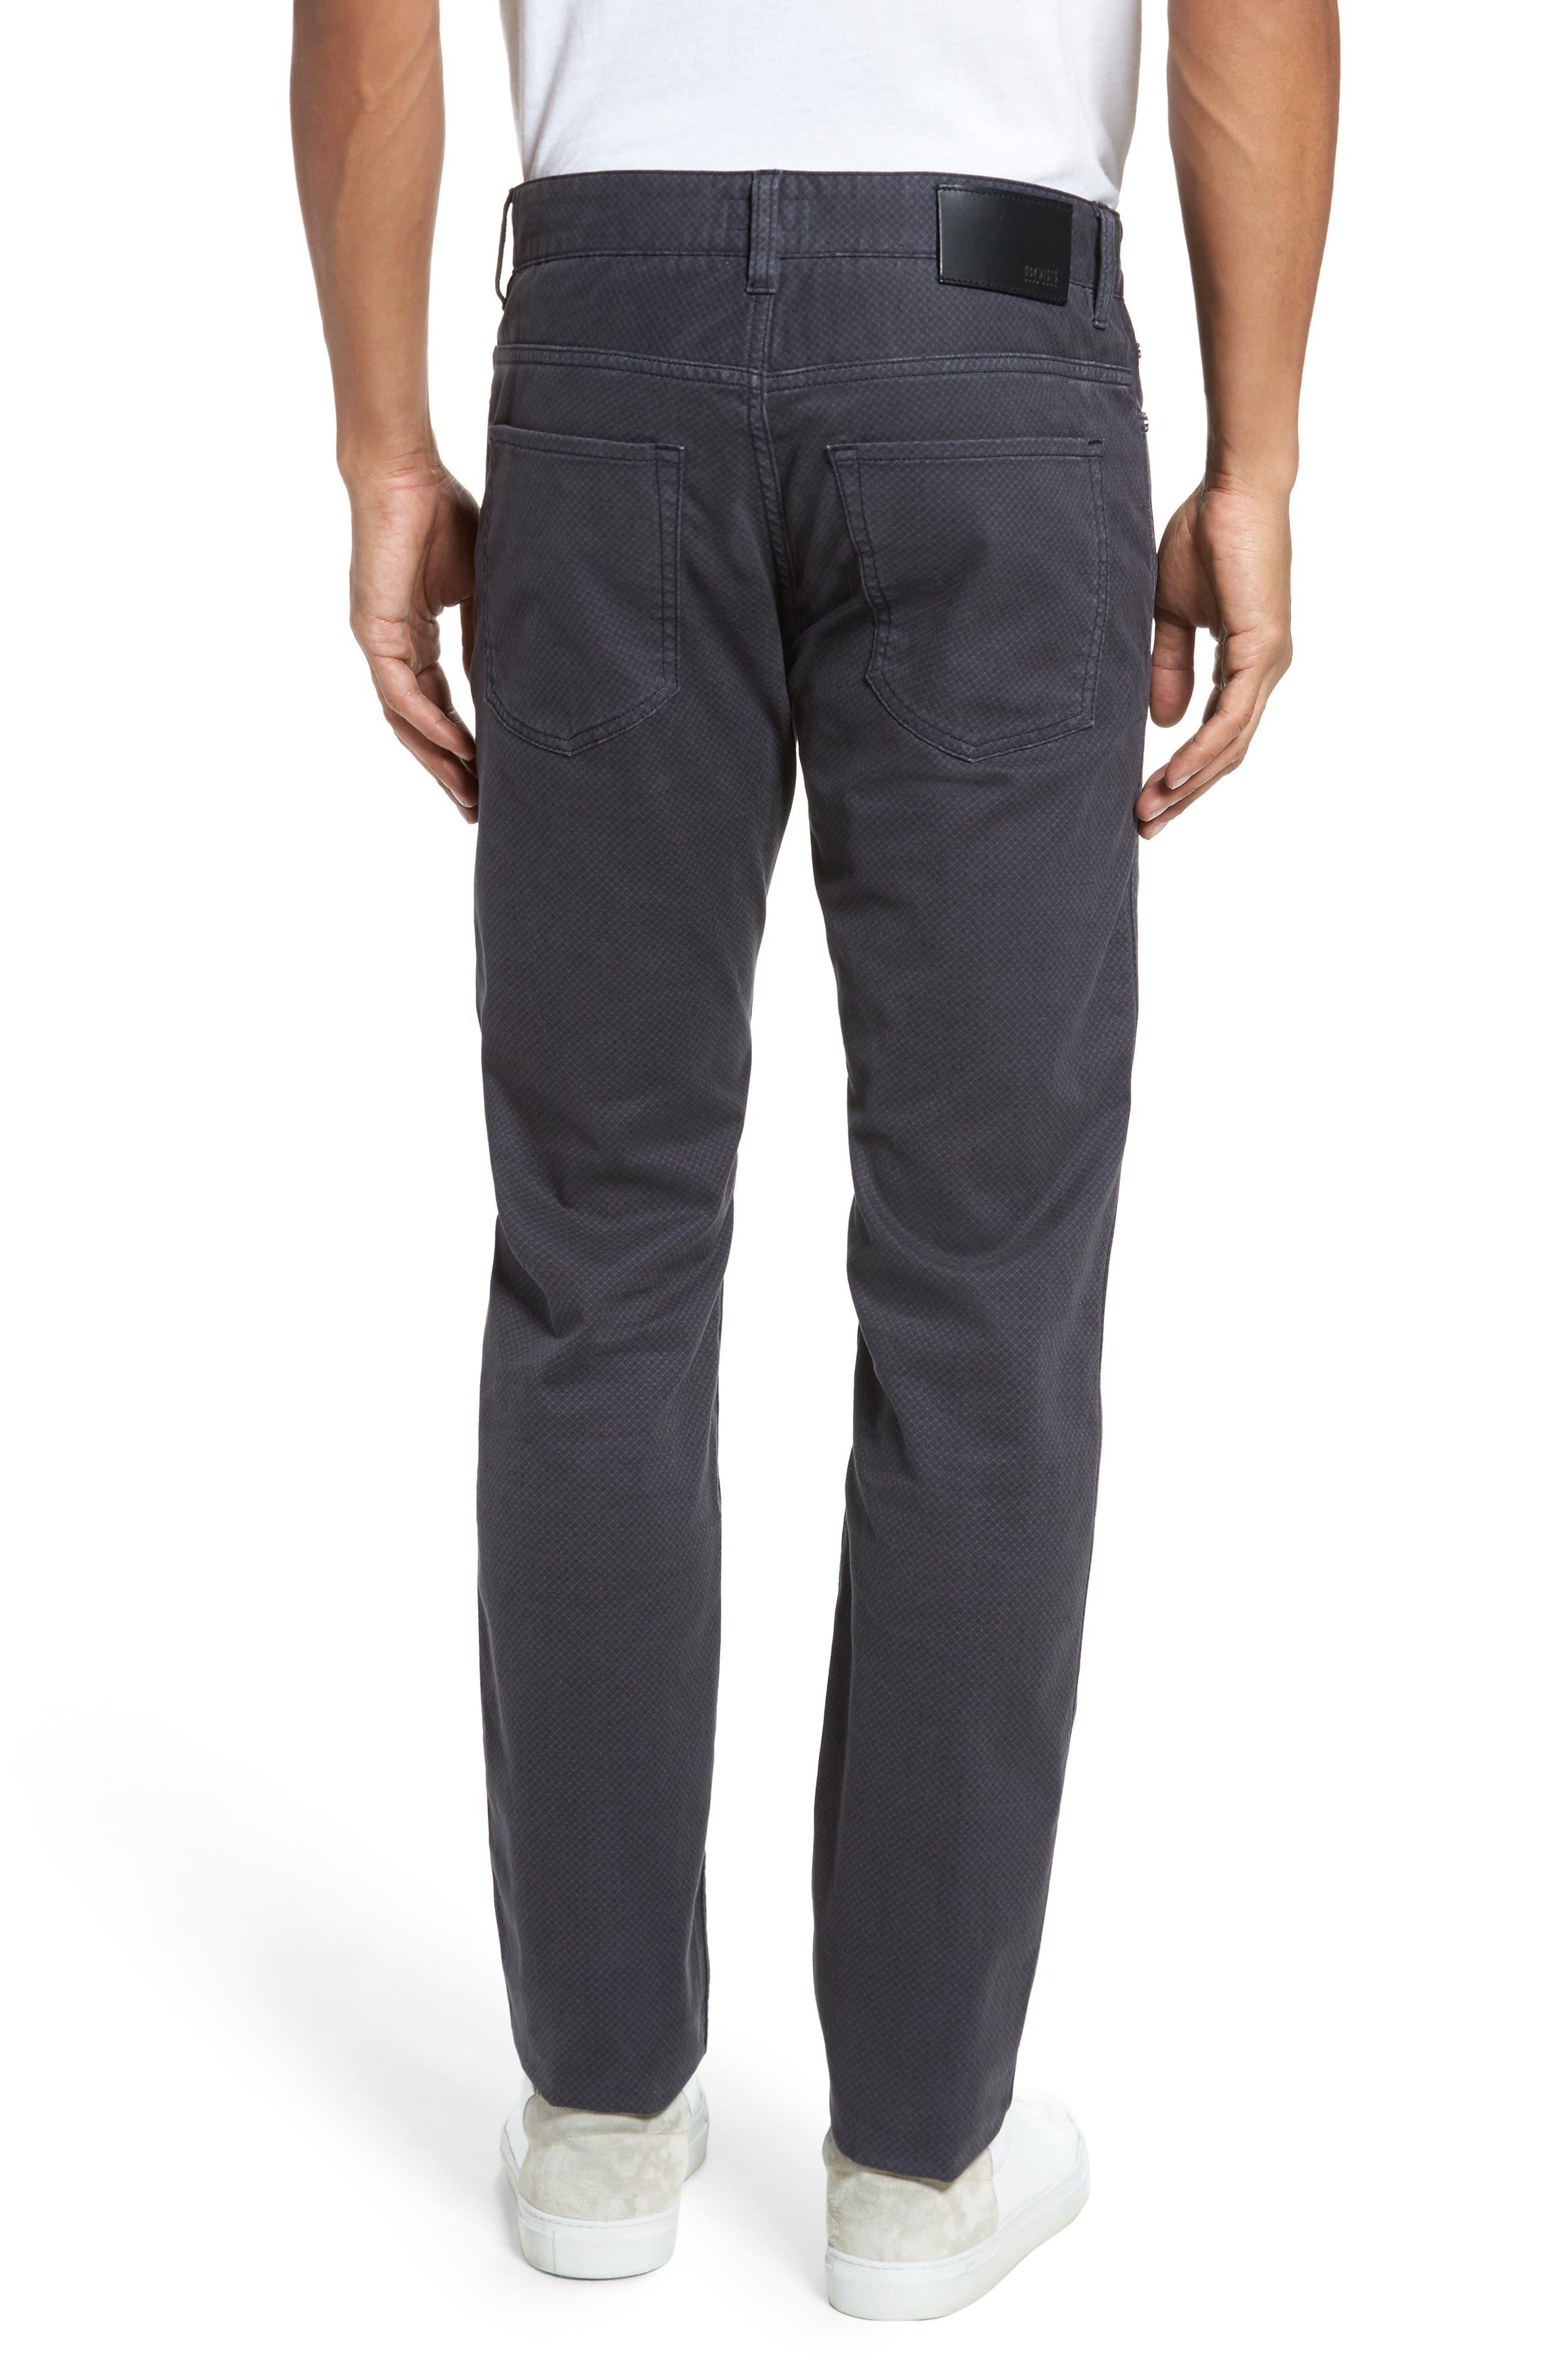 Delaware Slim Fit Pants,                             Alternate thumbnail 3, color,                             022